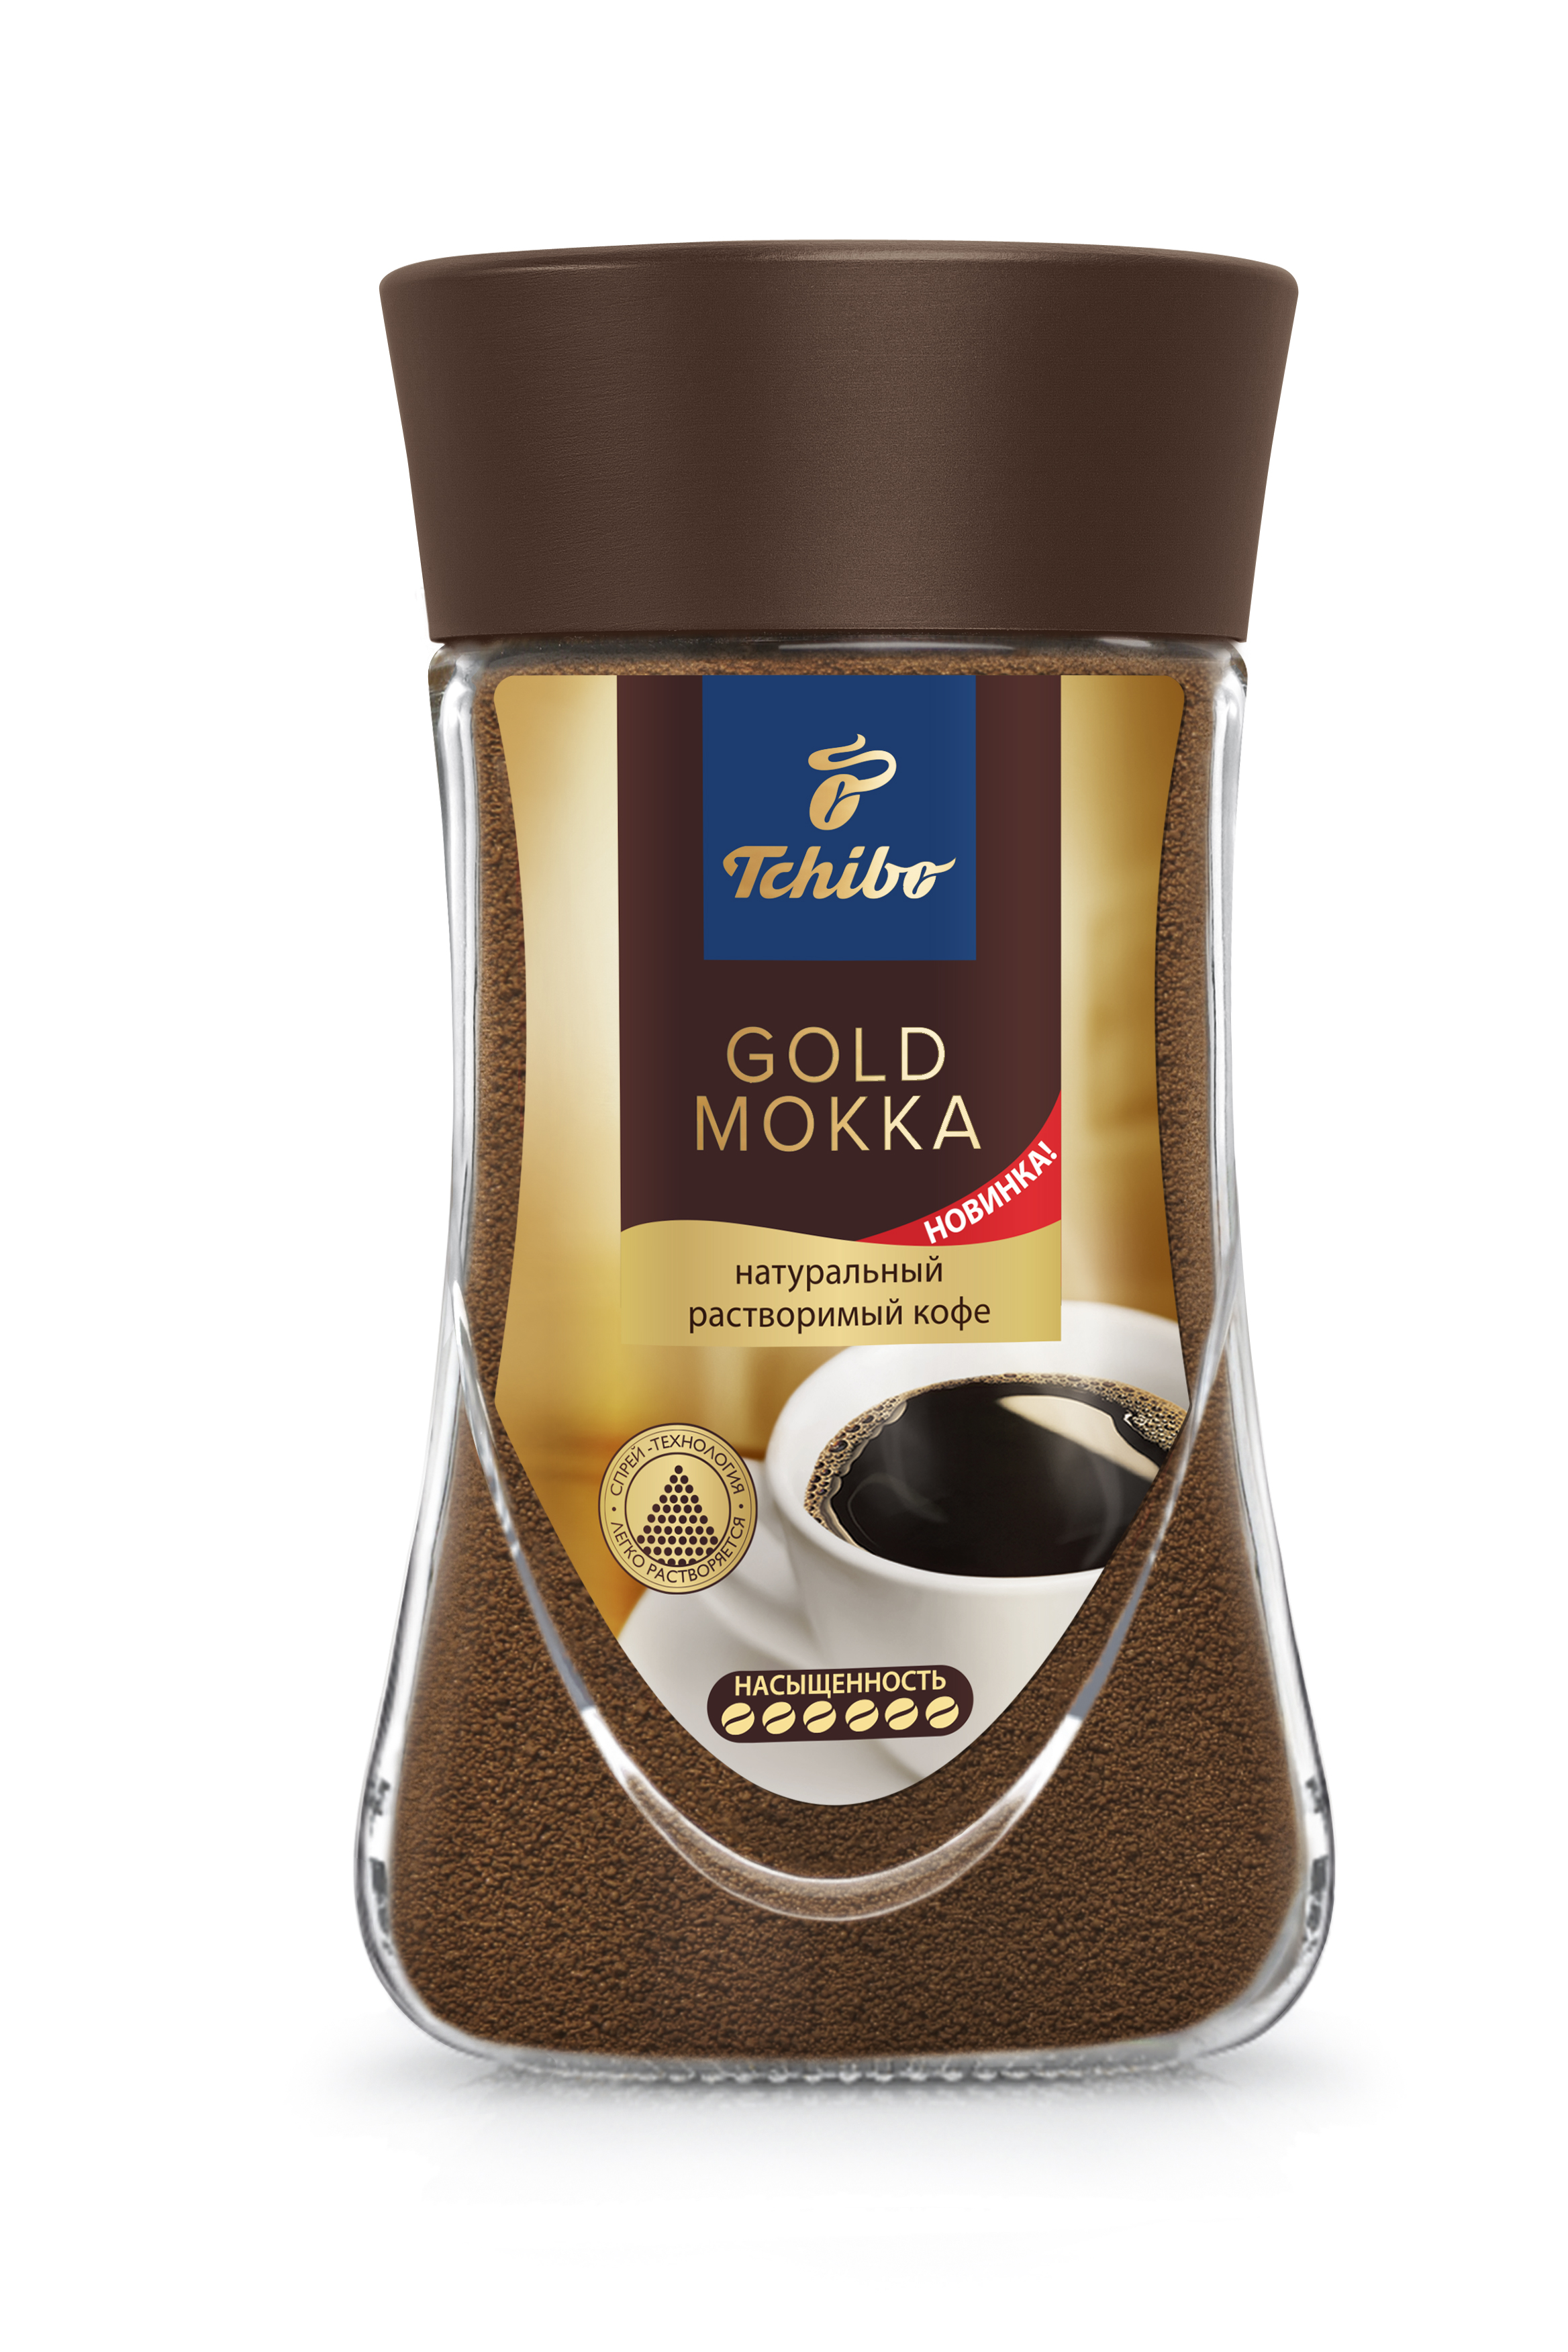 Tchibo Gold Mokka кофе растворимый, 95 г цены онлайн